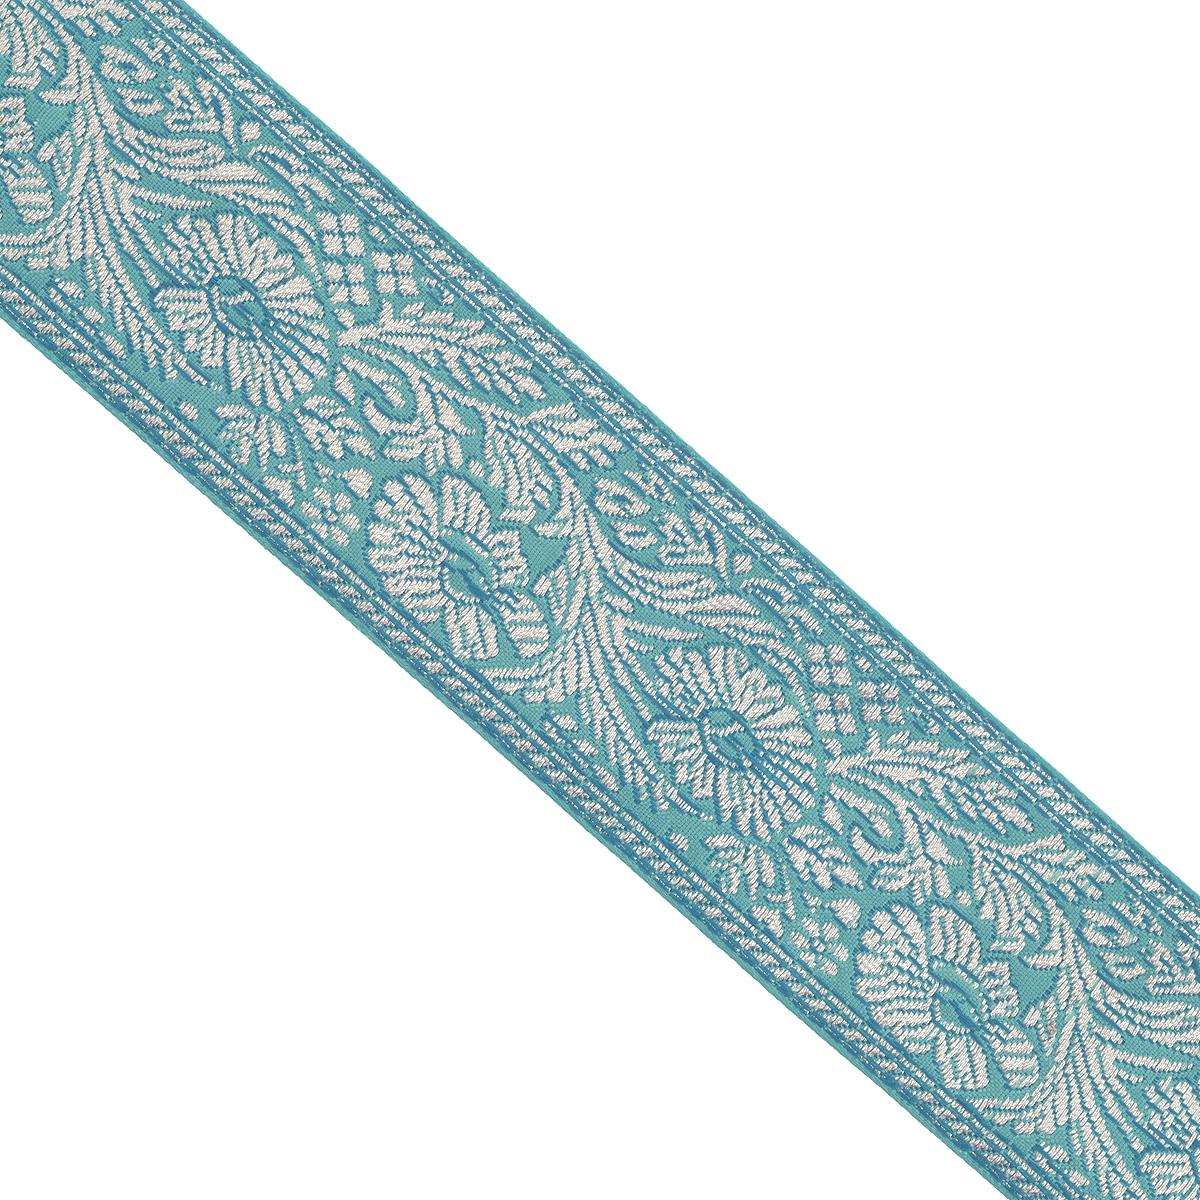 Тесьма декоративная Астра, цвет: зеленый (93), ширина 5 см, длина 16,5 м. 77034477703447_93Декоративная тесьма Астра выполнена из текстиля и оформлена оригинальным жаккардовым орнаментом. Такая тесьма идеально подойдет для оформления различных творческих работ таких, как скрапбукинг, аппликация, декор коробок и открыток и многое другое. Тесьма наивысшего качества и практична в использовании. Она станет незаменимым элементом в создании рукотворного шедевра. Ширина: 5 см. Длина: 16,5 м.